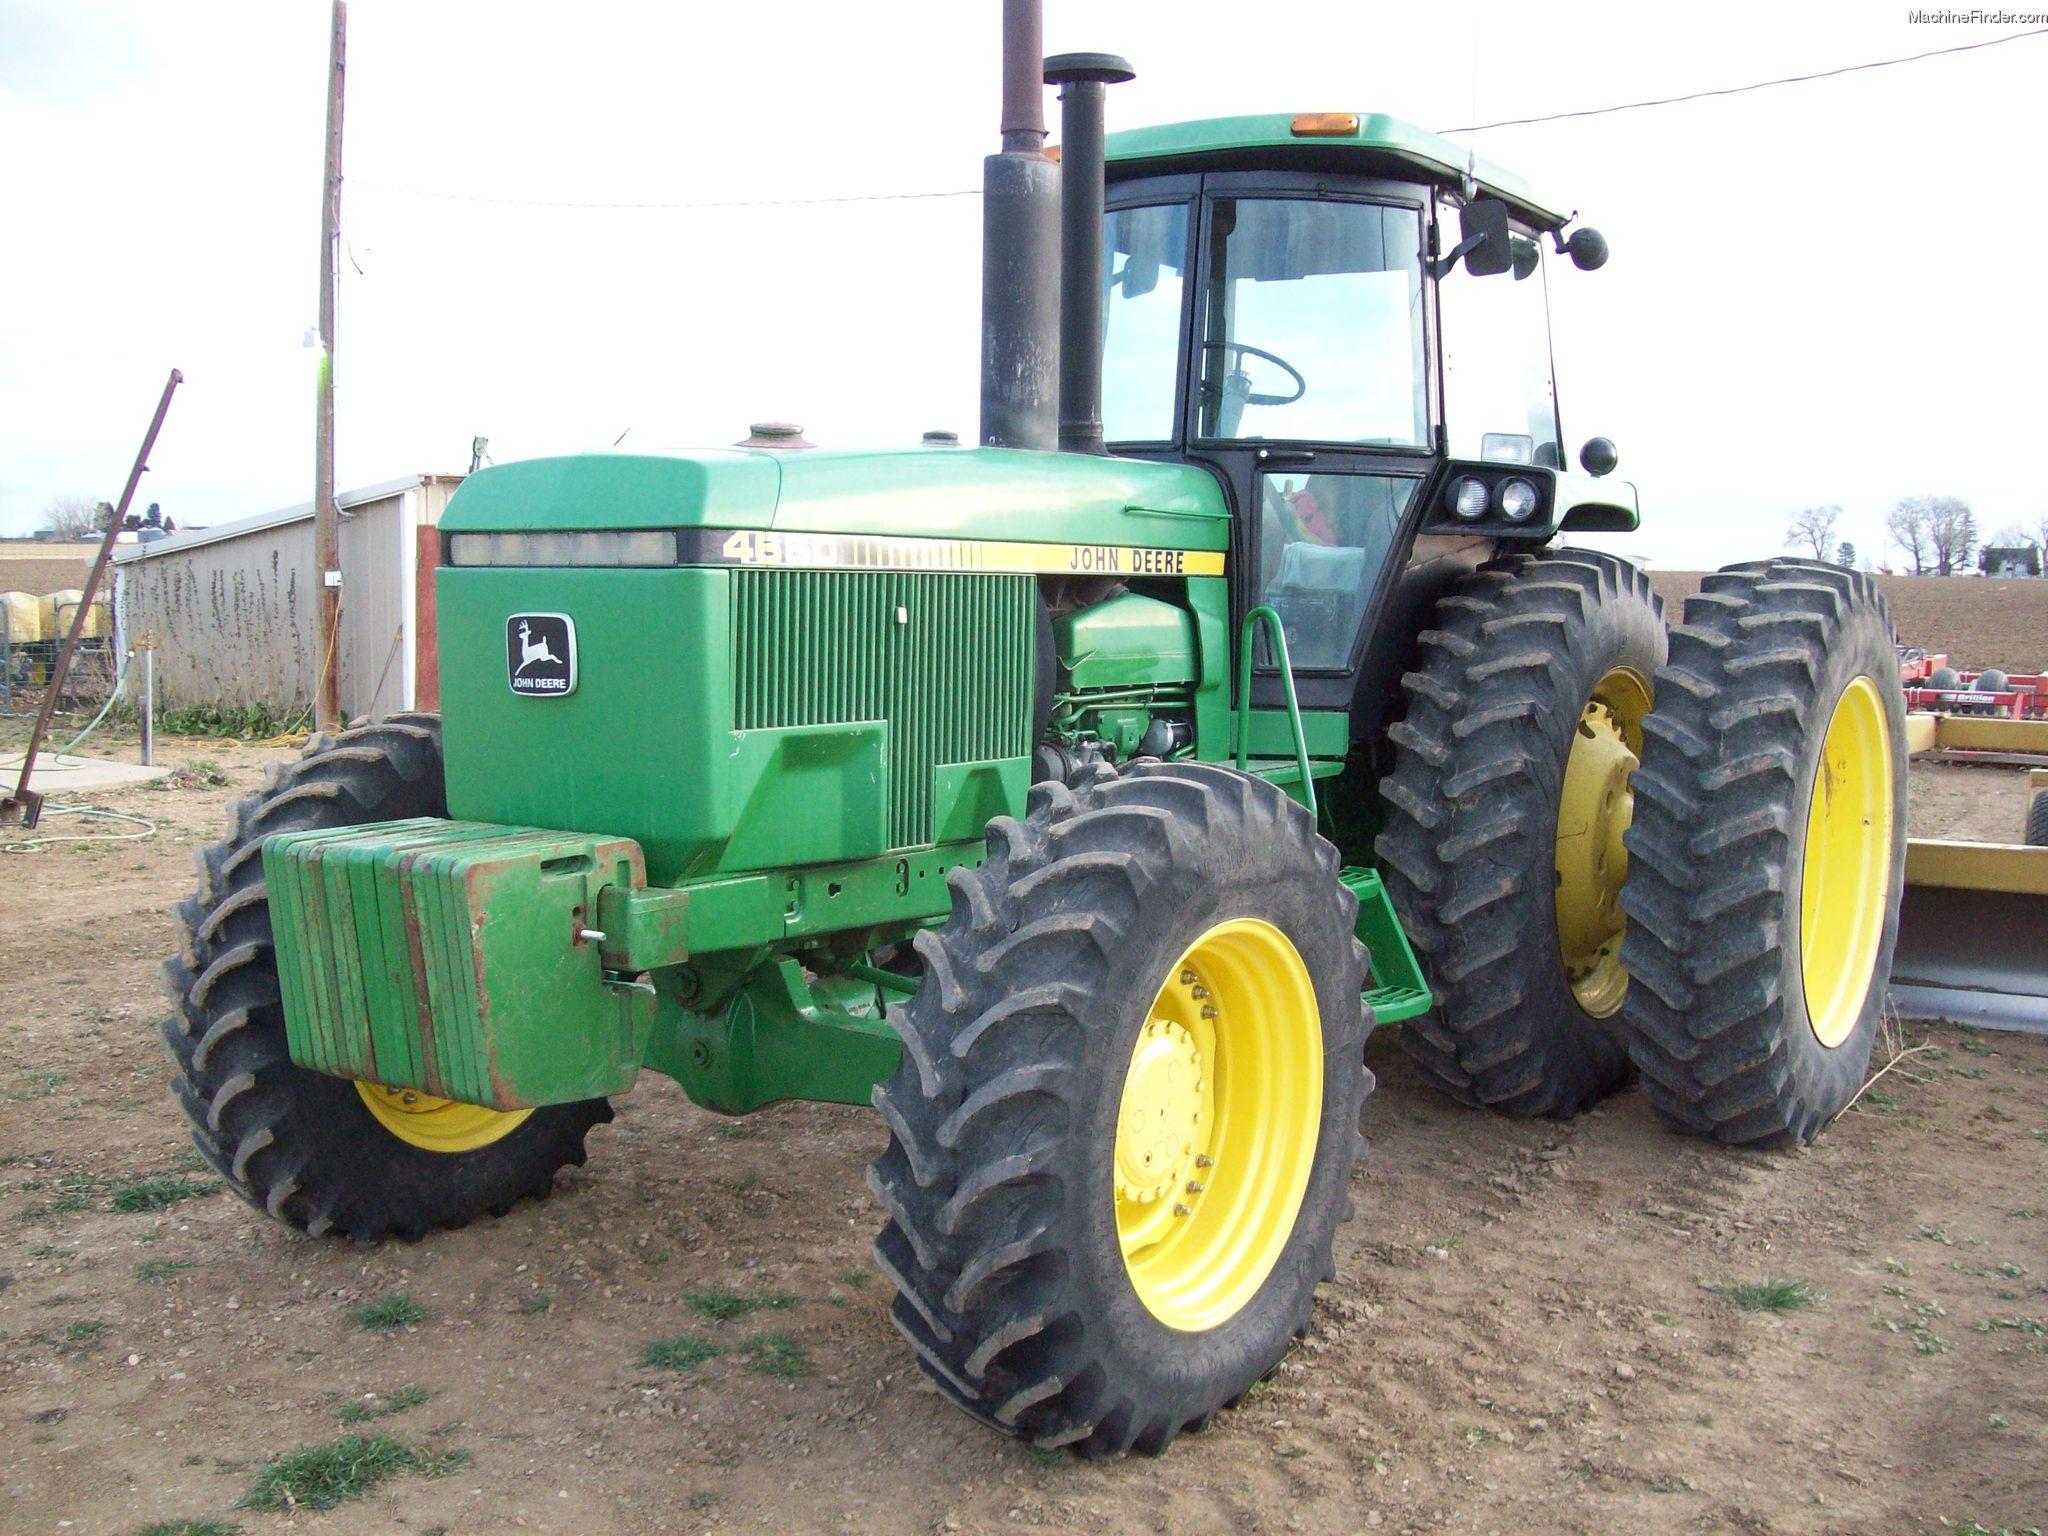 1983 John Deere 4650 Tractors - Row Crop (+100hp) - John ...